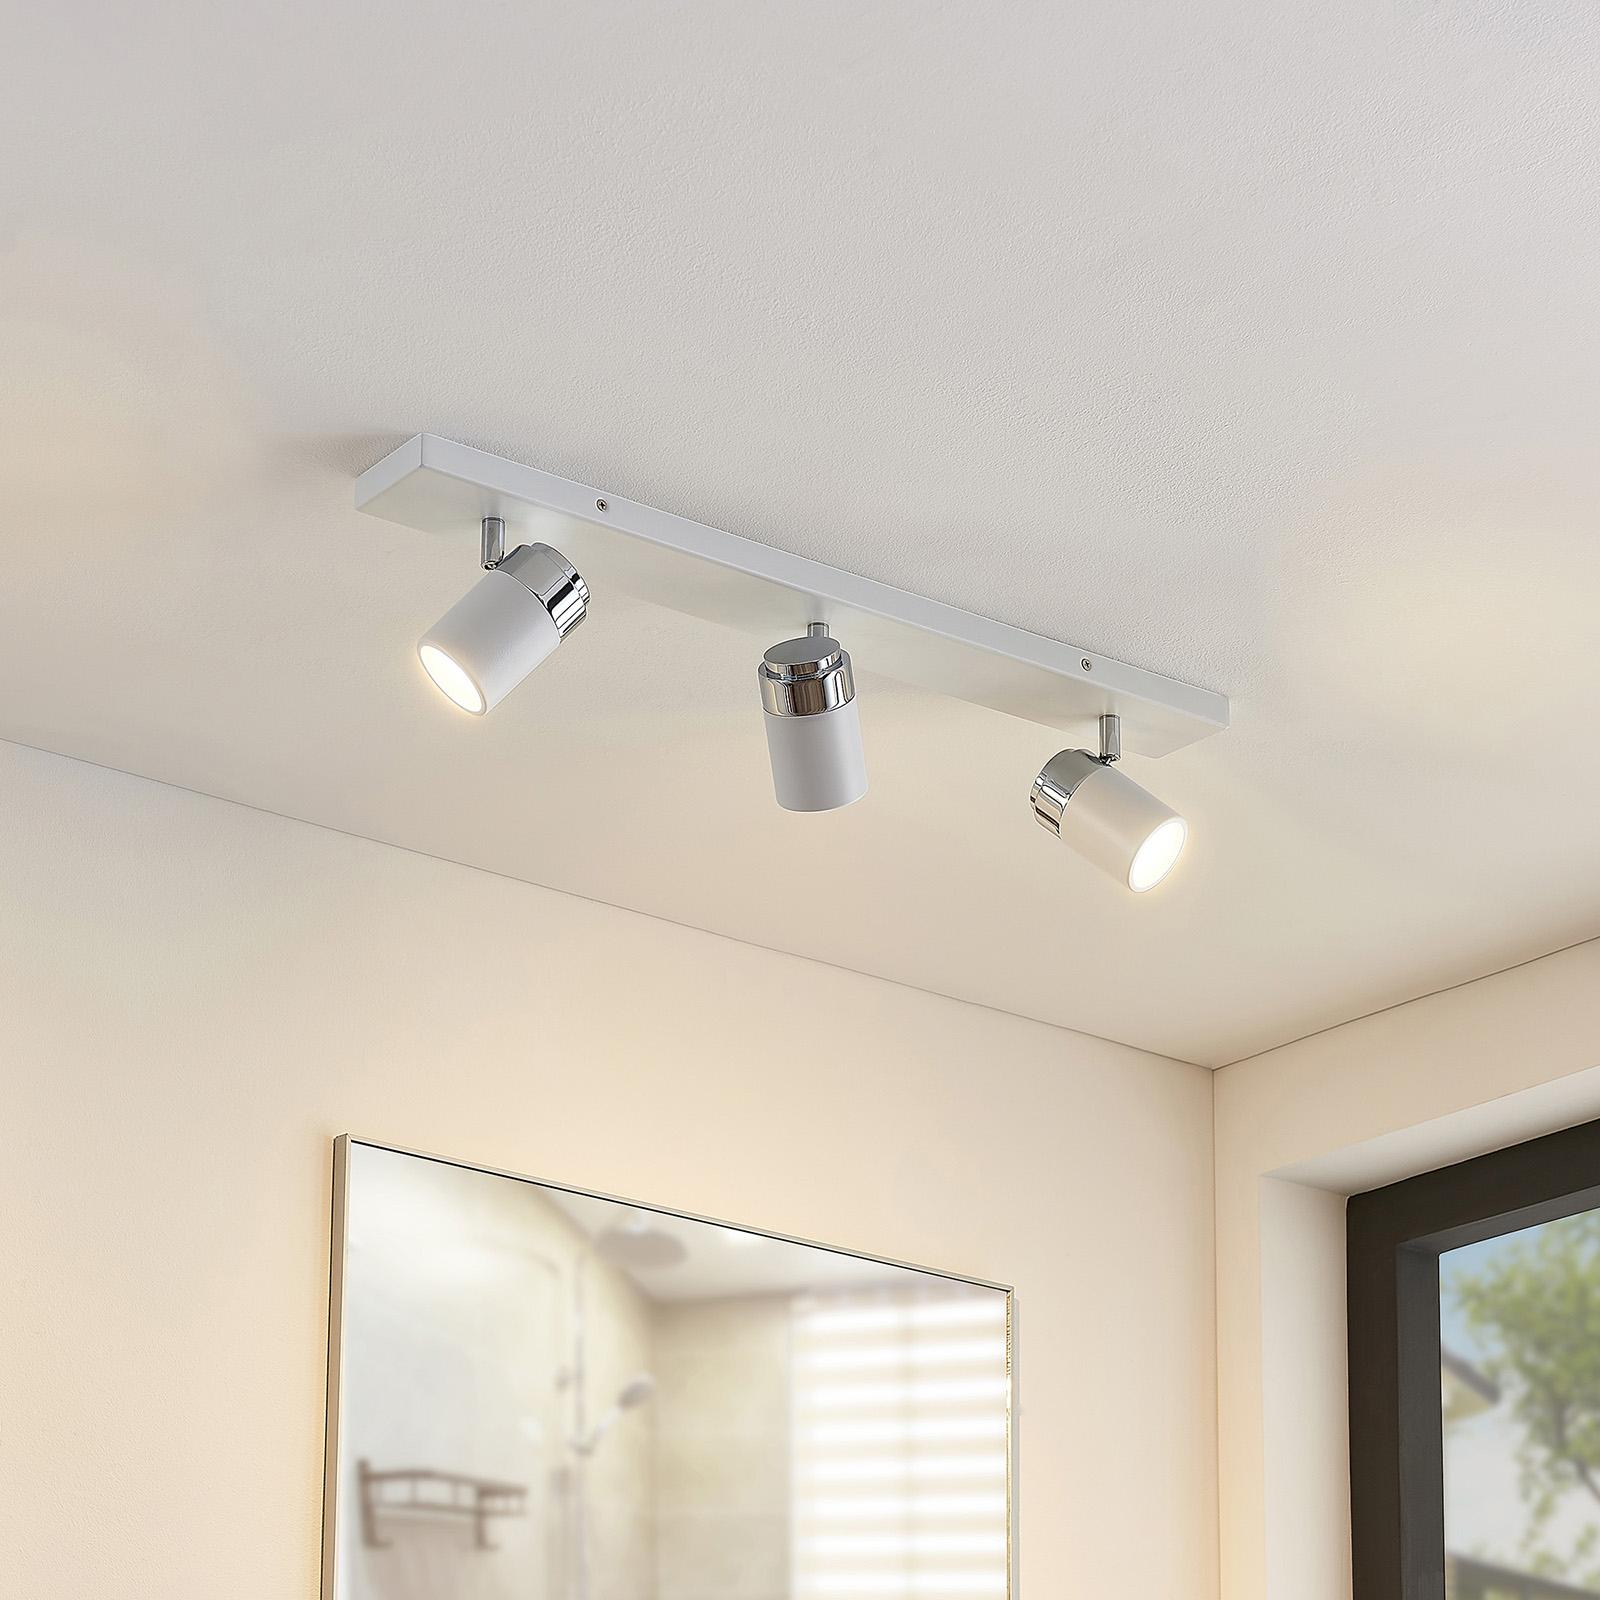 Loftlampe til bad Kardo med 3 lyskilder i hvid